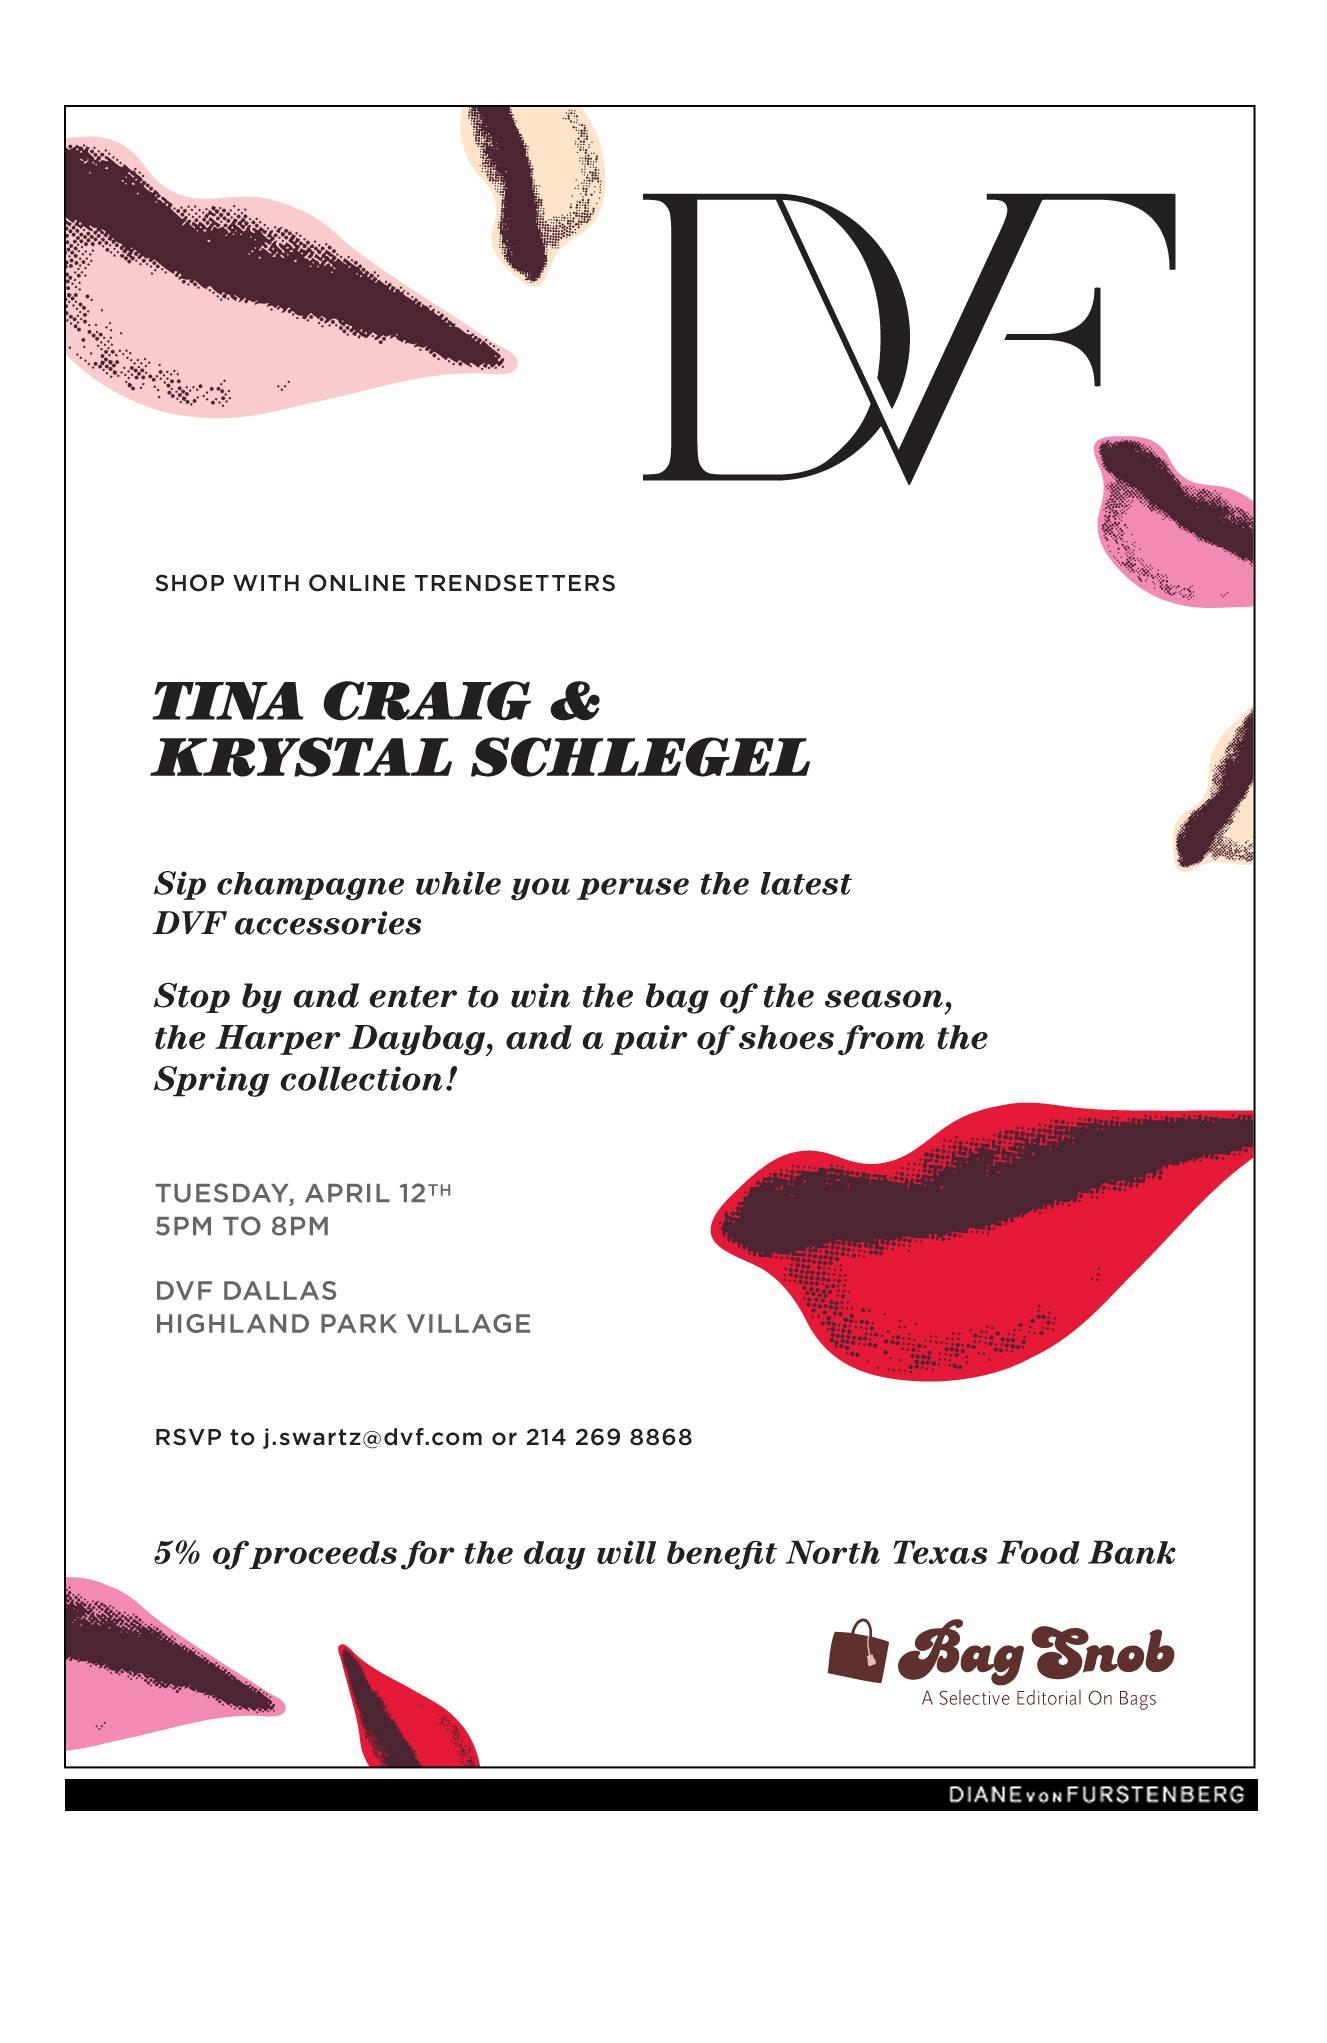 The Bag Snob, Tina Craig and Krystal Schlegel host a Shopping Event at Diane Von Furstenberg